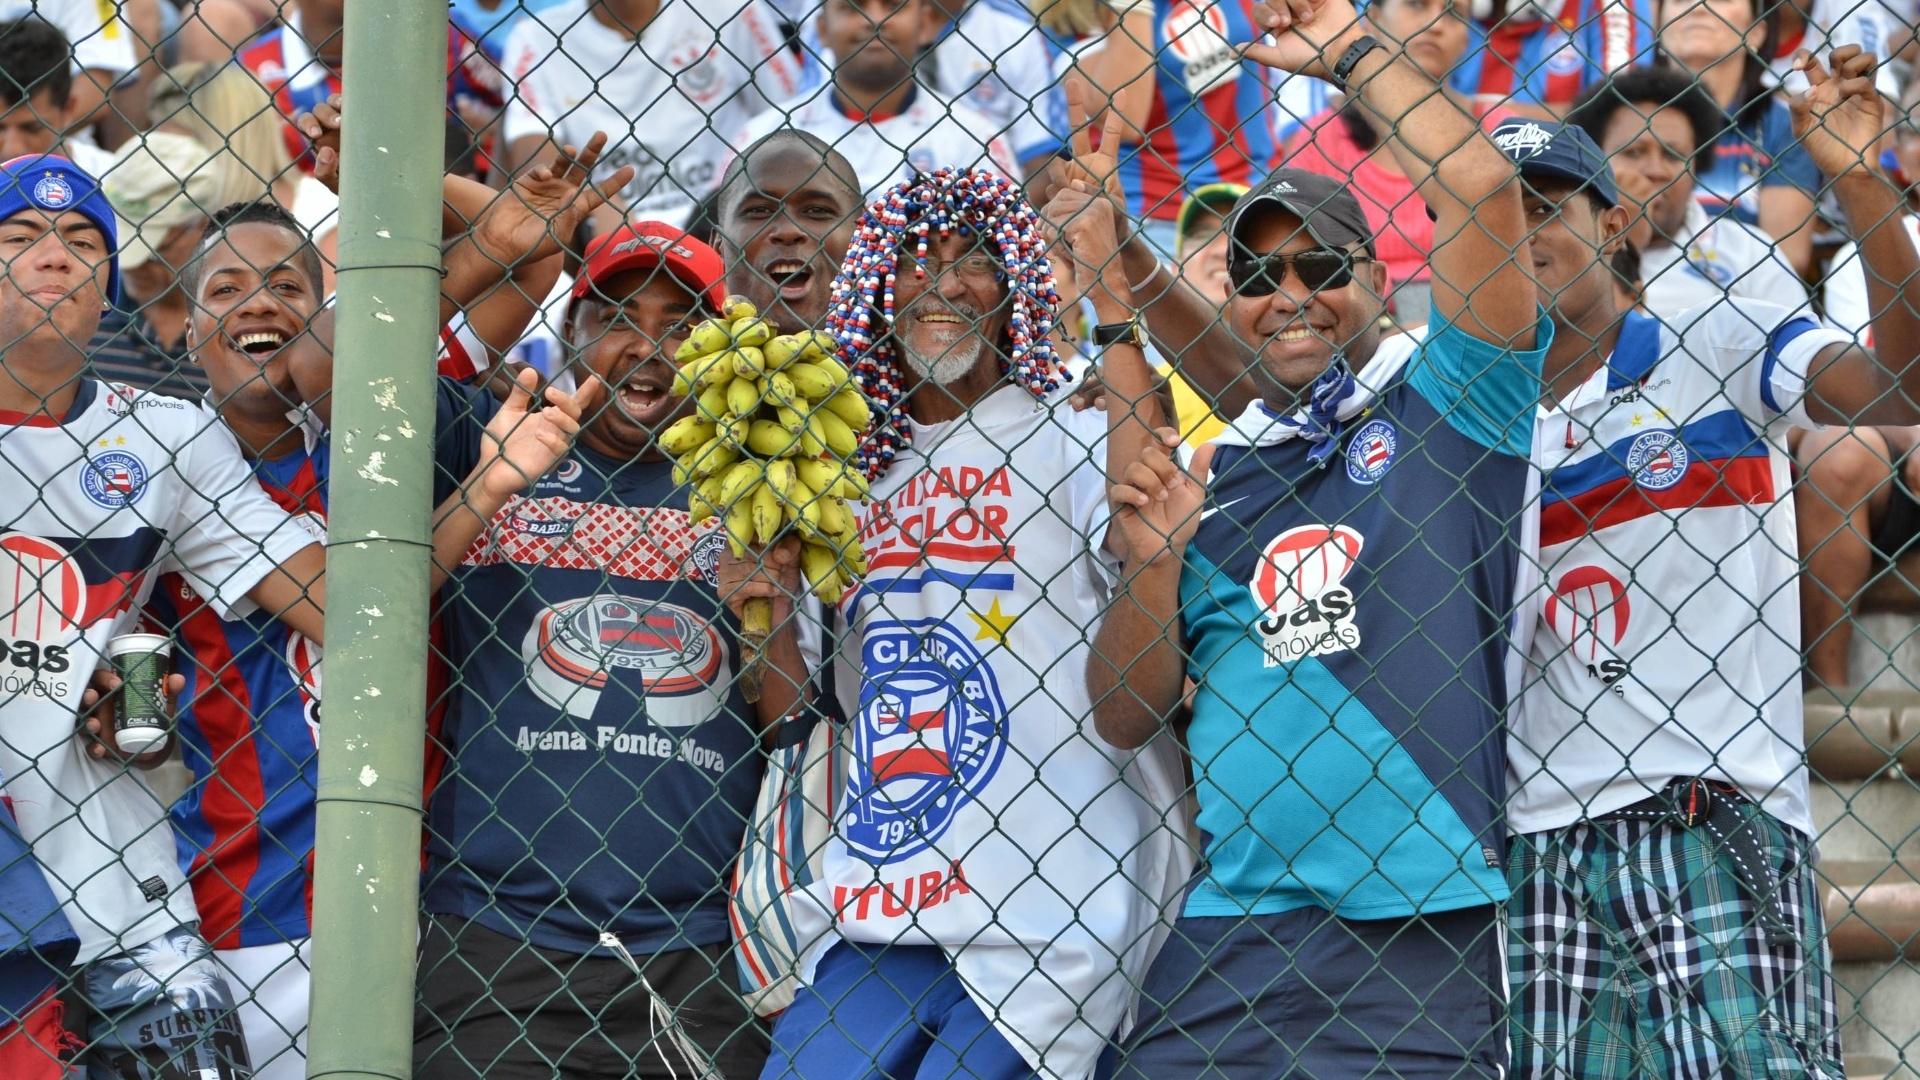 Torcedores do Bahia fazem festa antes da partida contra a Ponte Preta pela 36ª rodada do Brasileirão